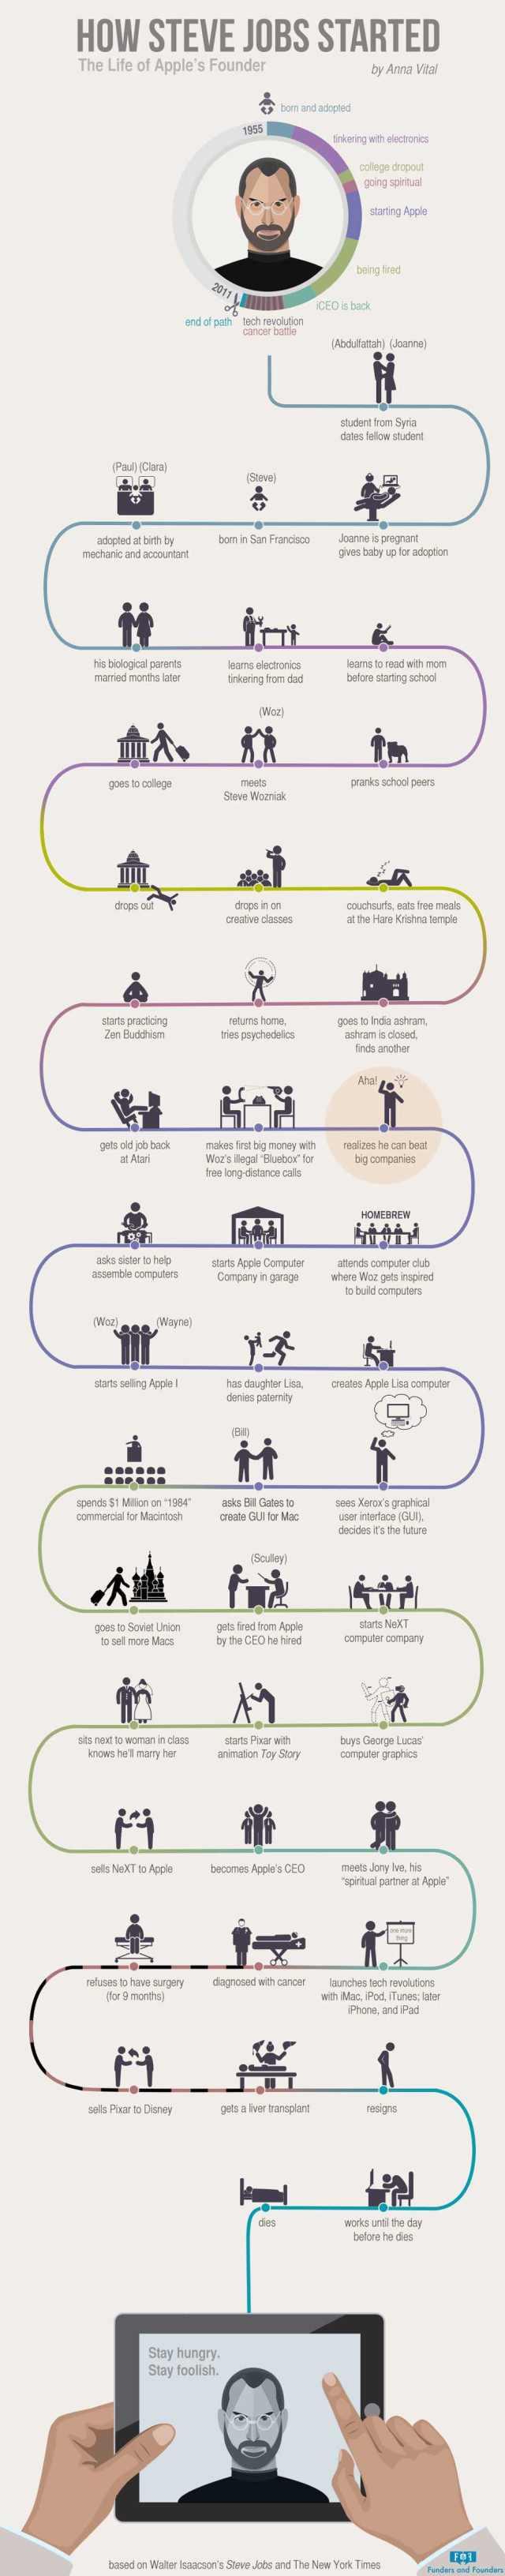 Steve Jobs journey